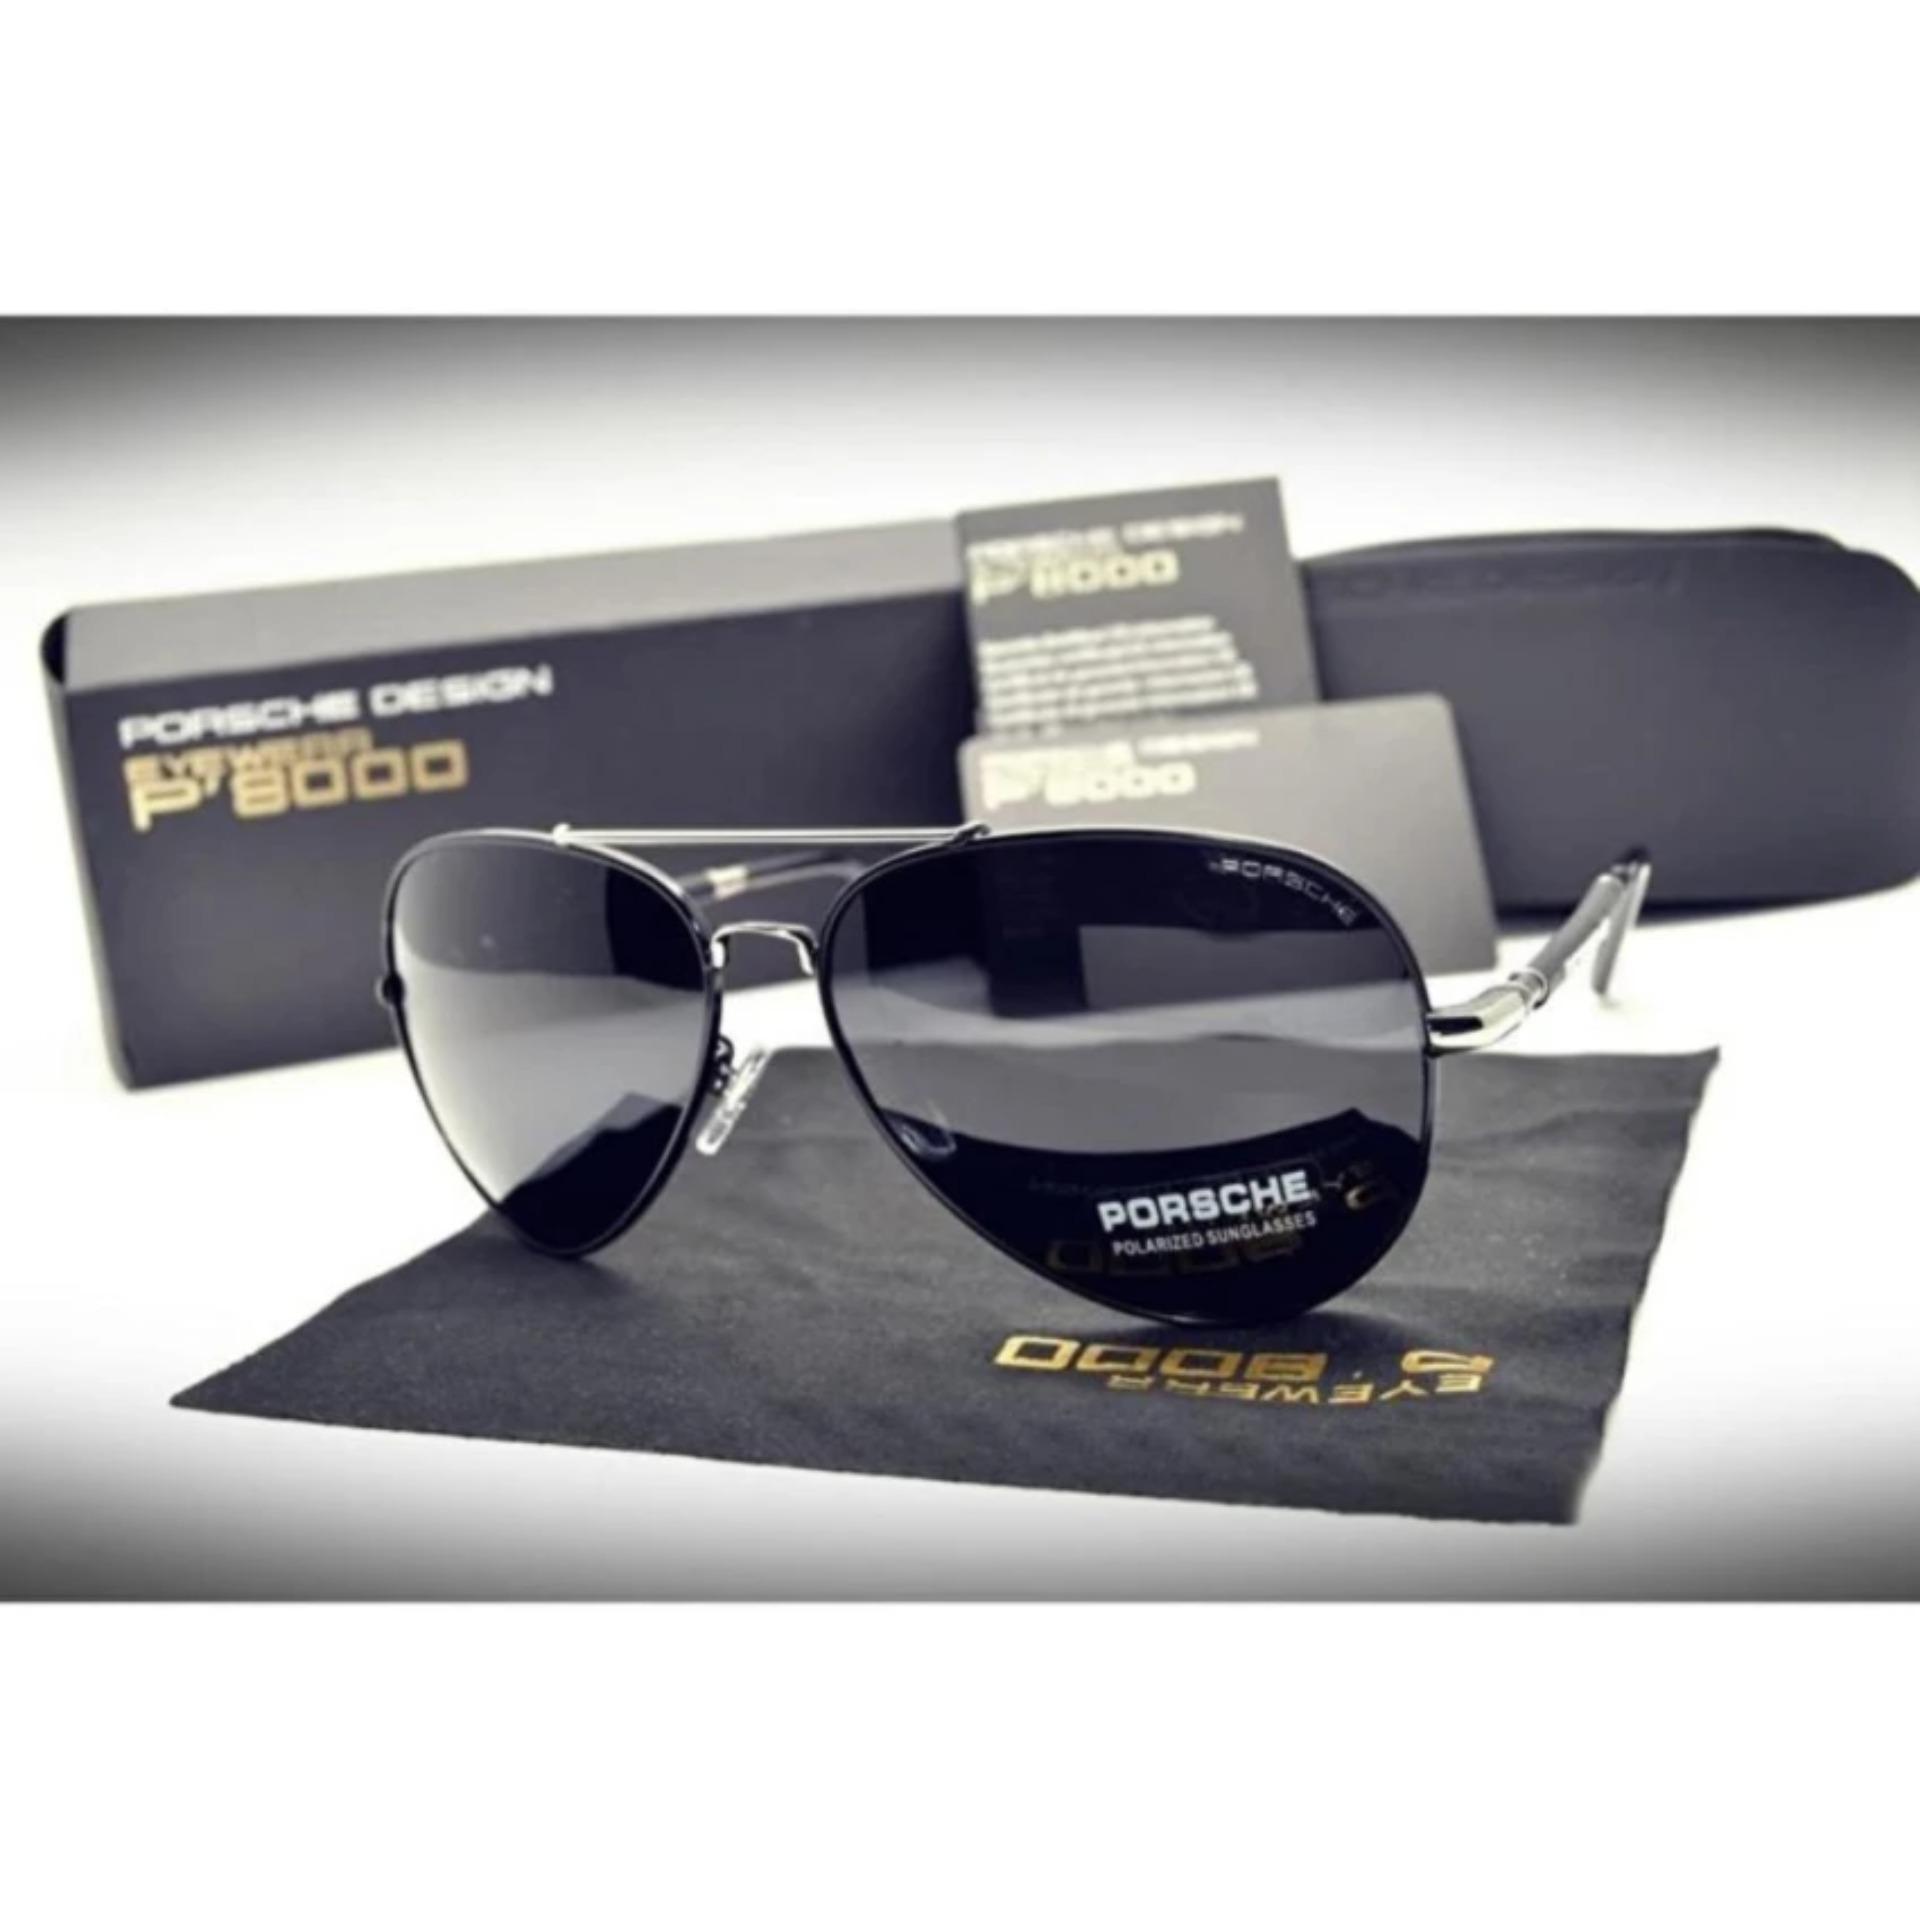 Fashion Retro Asli Lingkaran Bulat Kacamata Mata Lensa Kacamata Yang ... 46623016a1